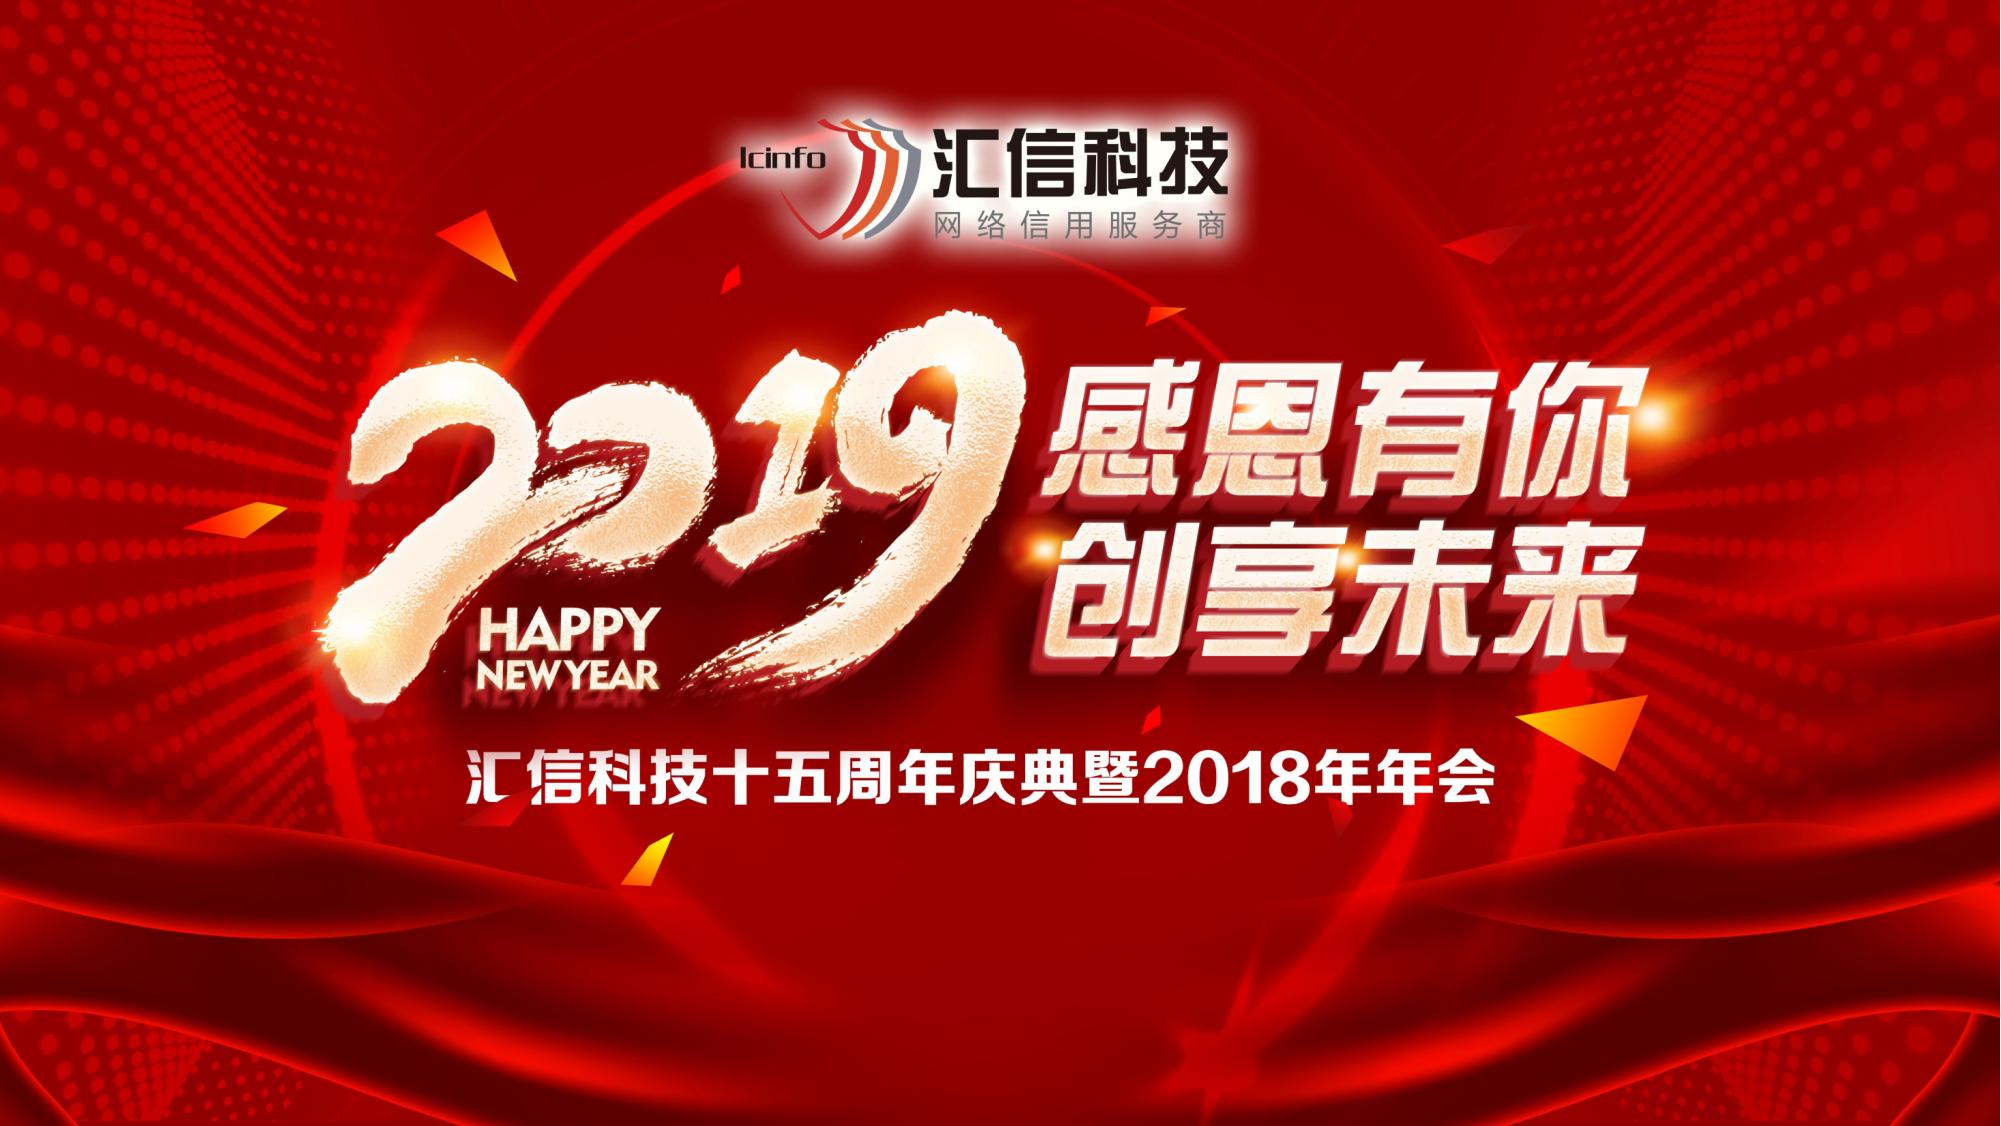 http://lpsp-cms-temp.oss-cn-shanghai.aliyuncs.com/57DA32FF289446E39579F1FCB8651CC7